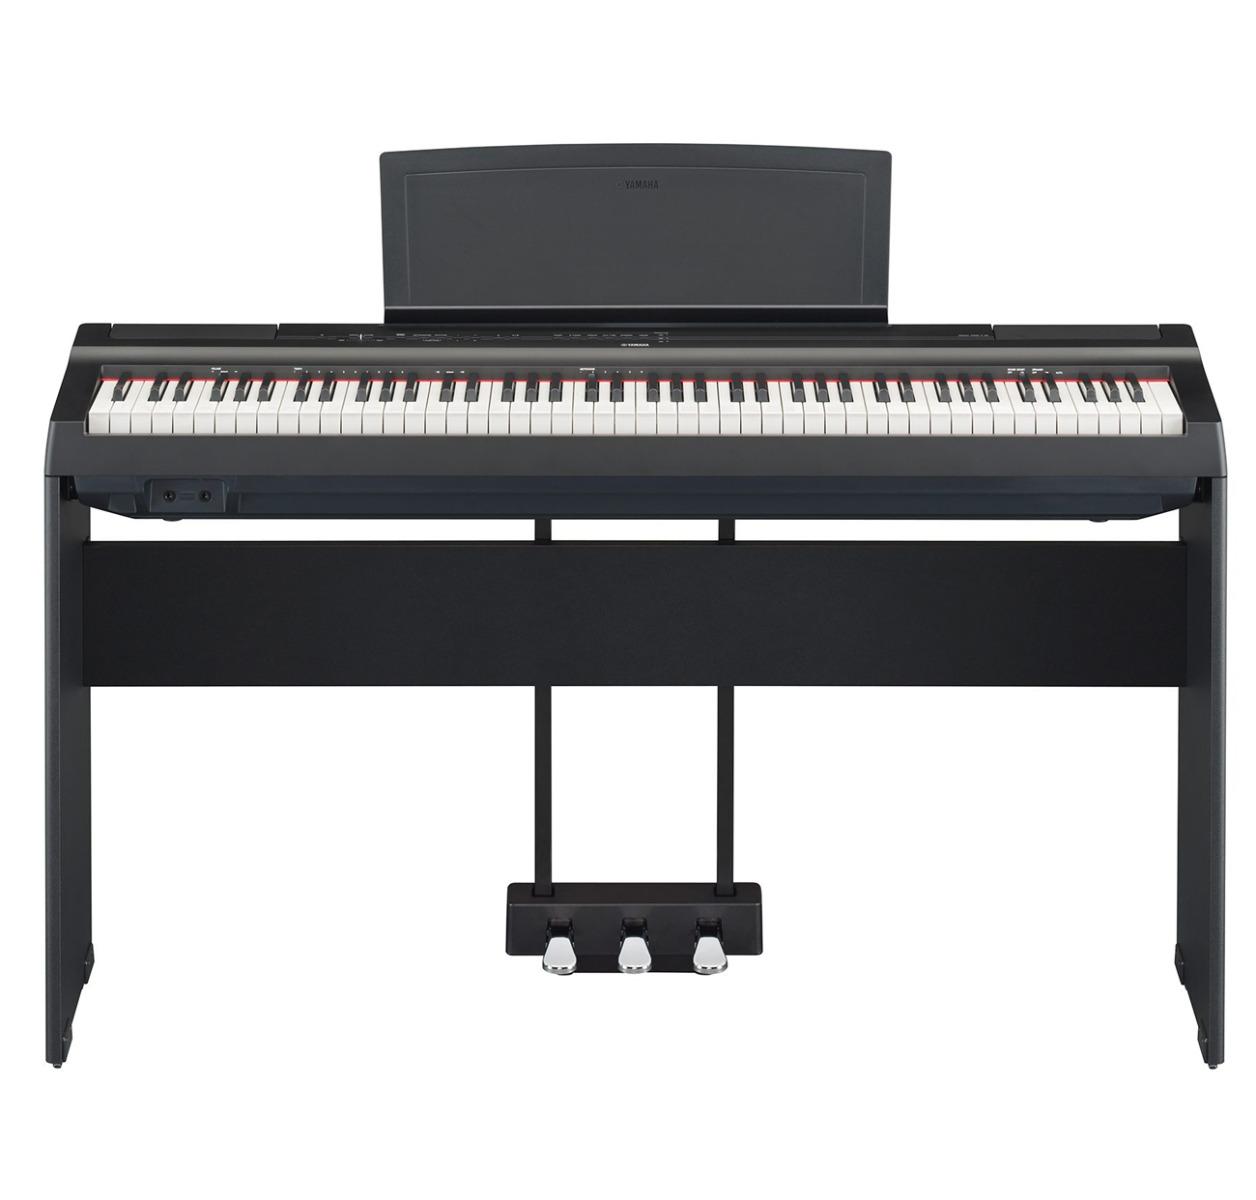 Yamaha P-125 B sort el-klaver med L125 ben og LP-1 pedaler